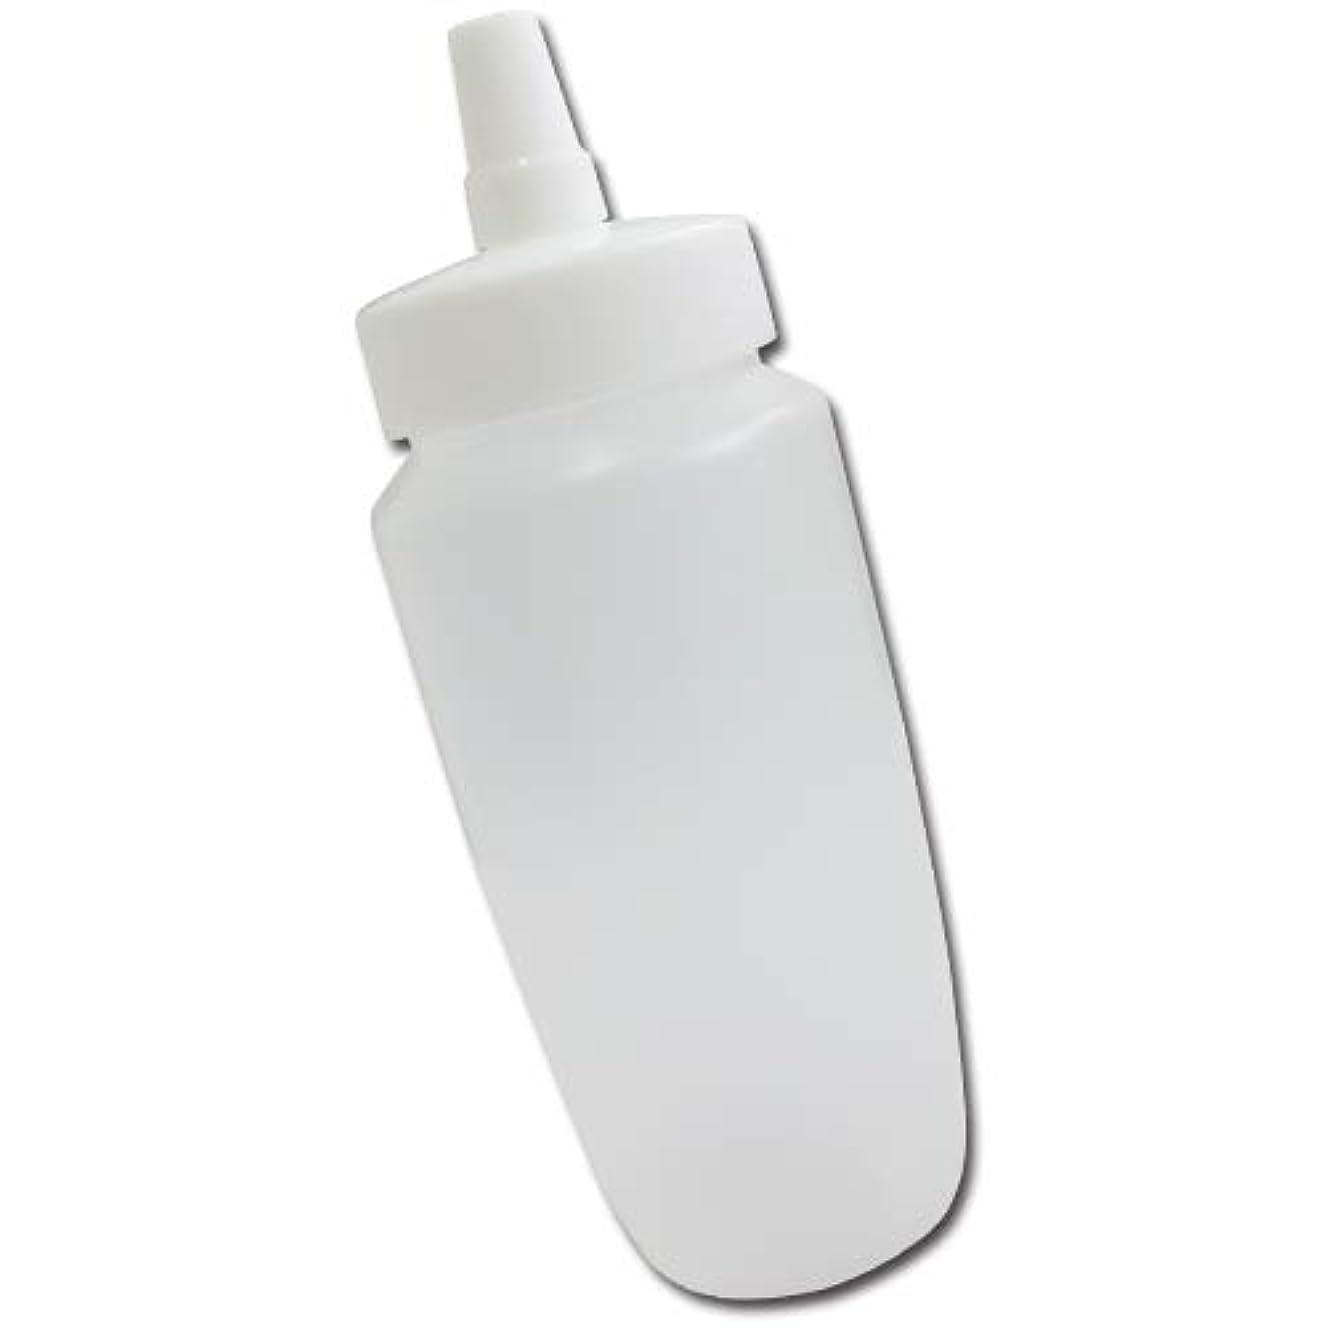 第三うがい睡眠はちみつ容器360ml(ホワイトキャップ)│業務用ローションや調味料の小分けに詰め替え用ハチミツ容器(蜂蜜容器)はちみつボトル